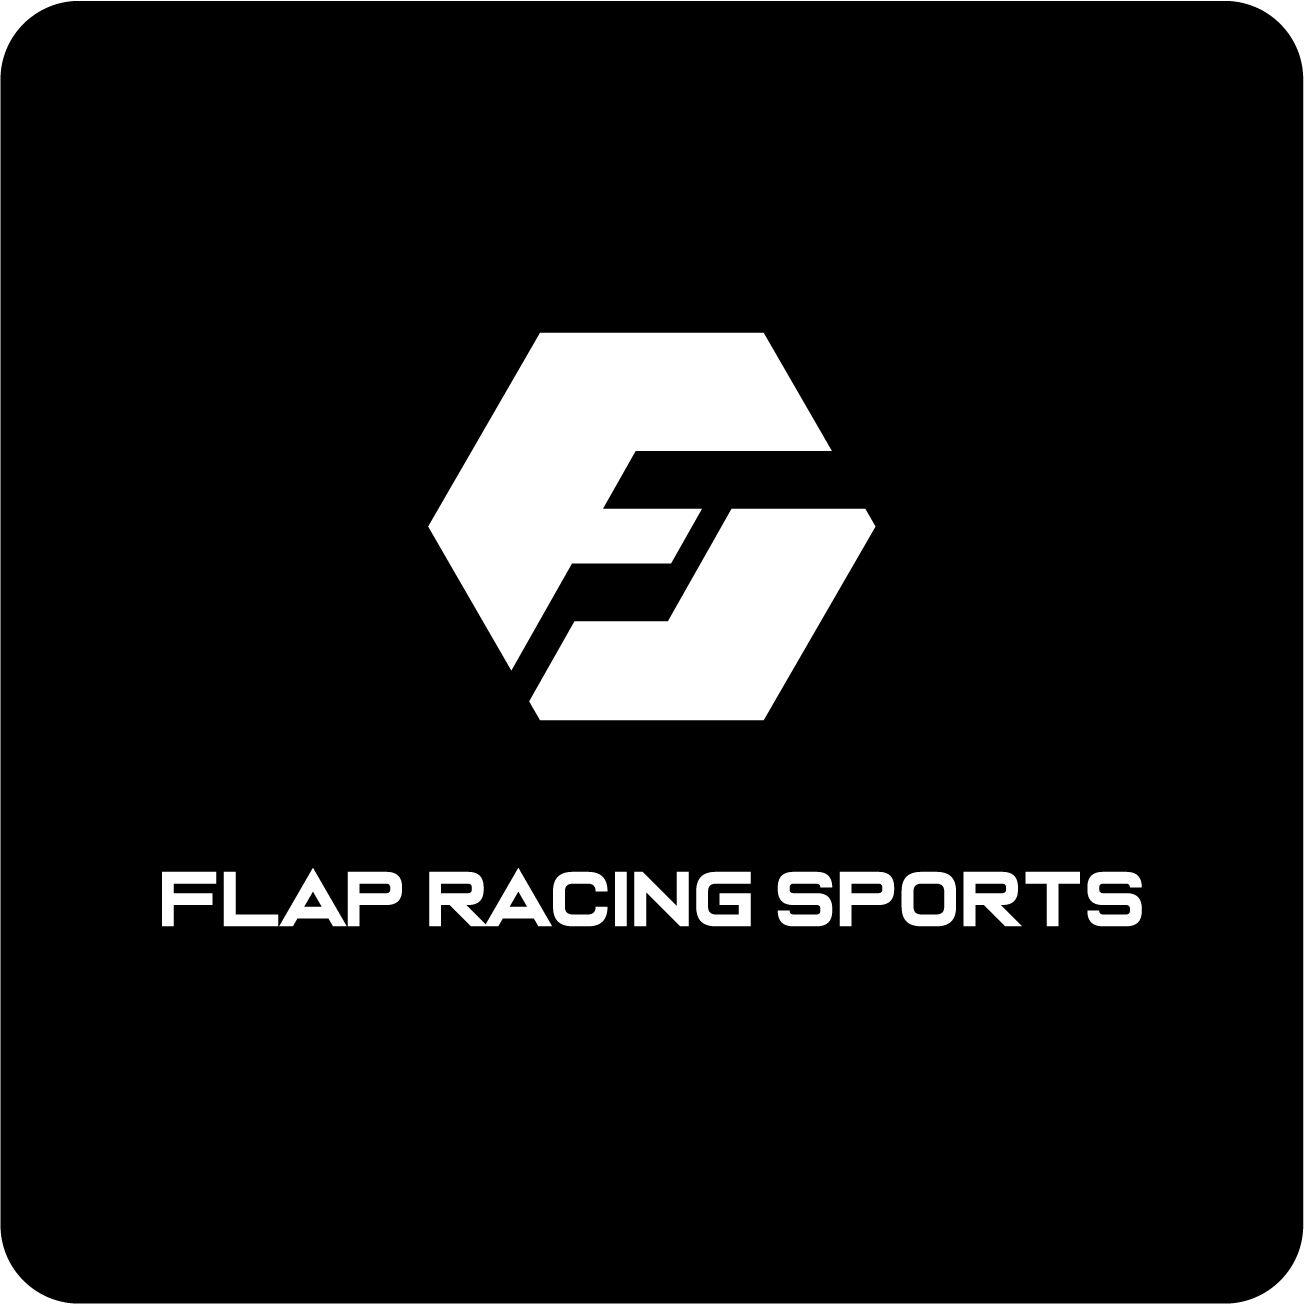 FLAP design wear